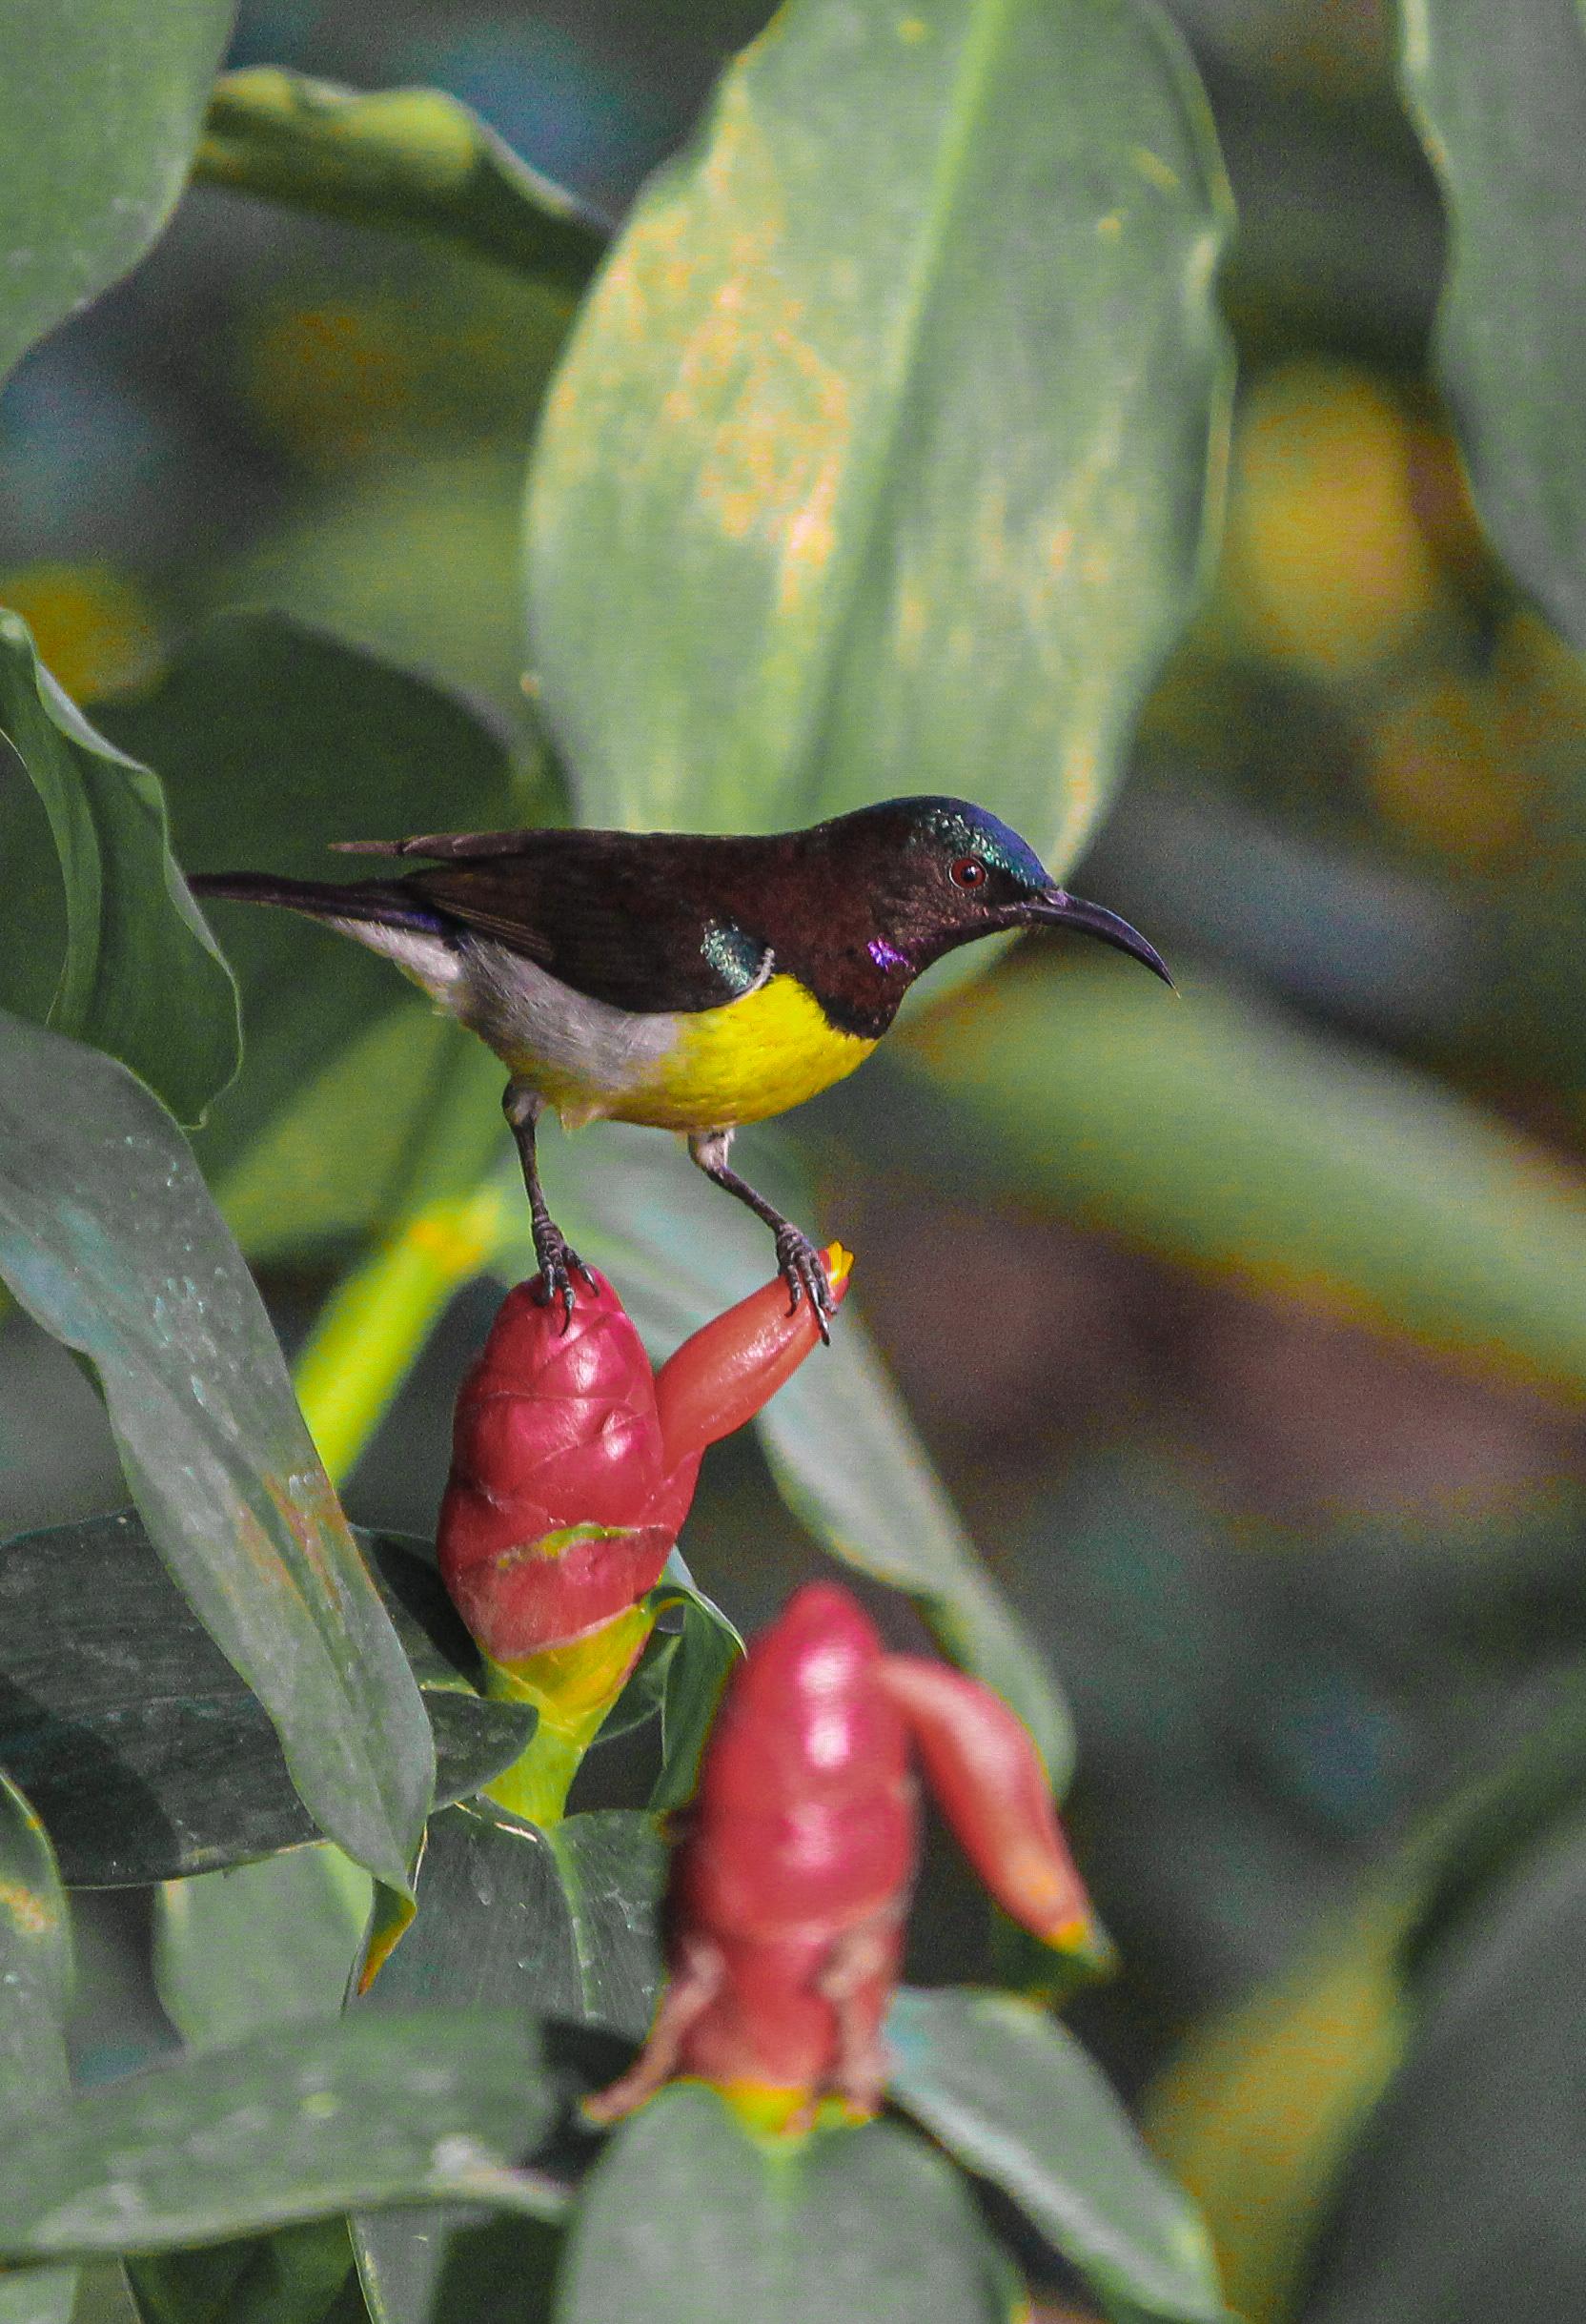 A bird sitting on wildflower